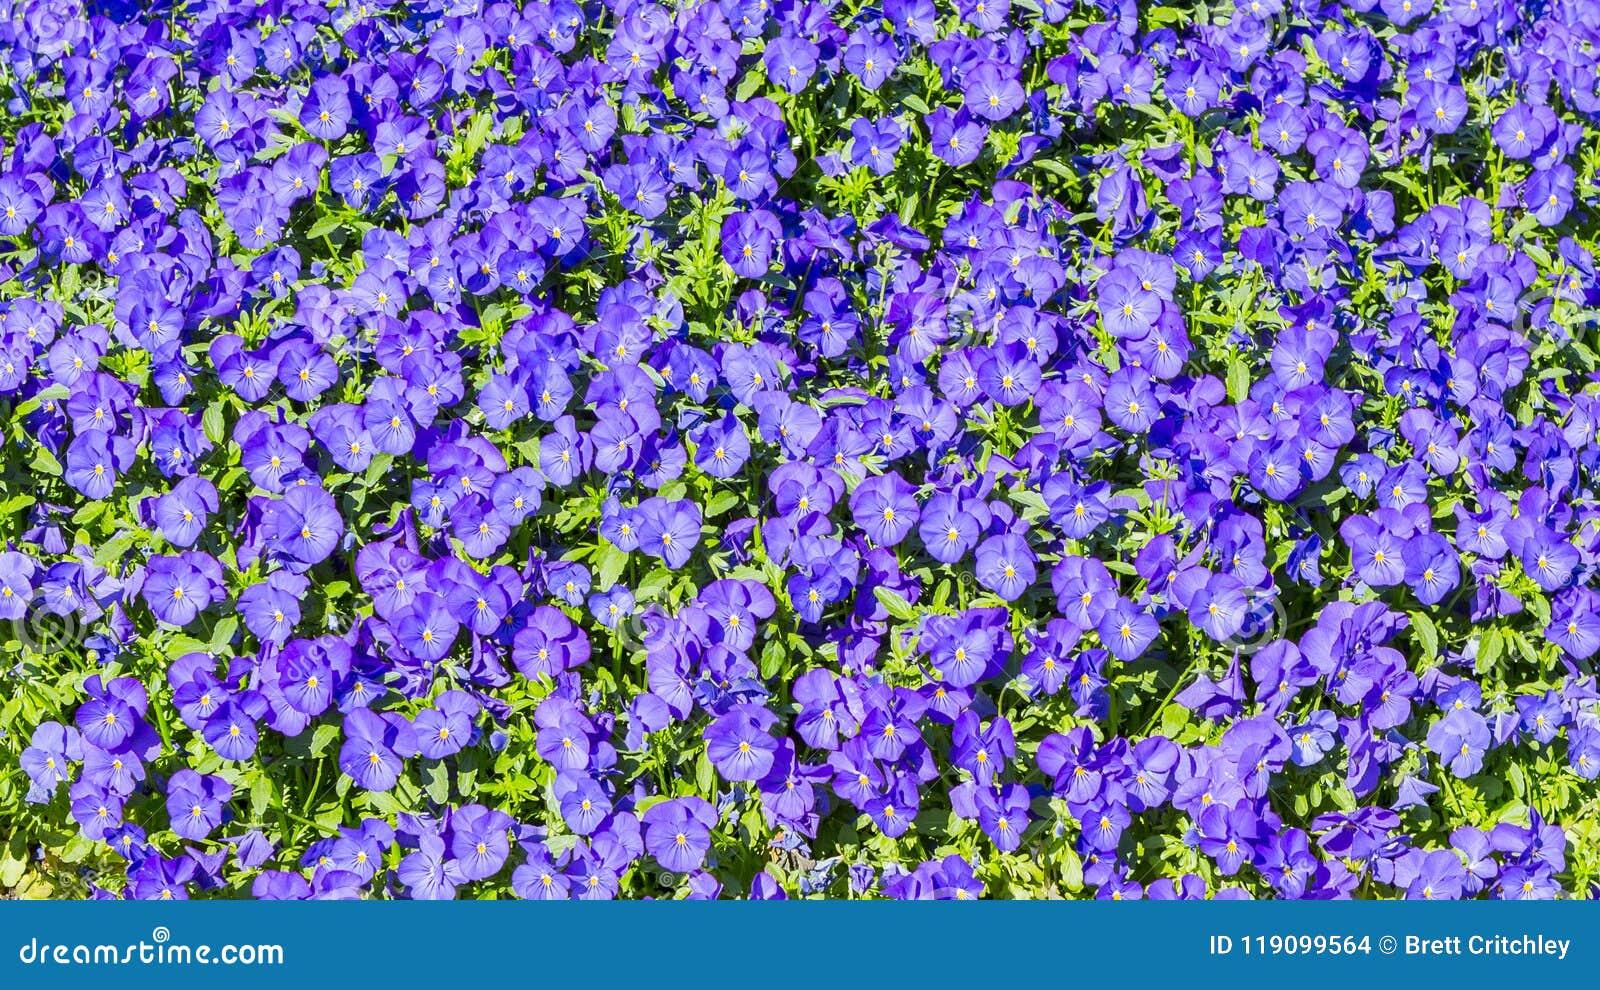 Purple pansies violas flowers background